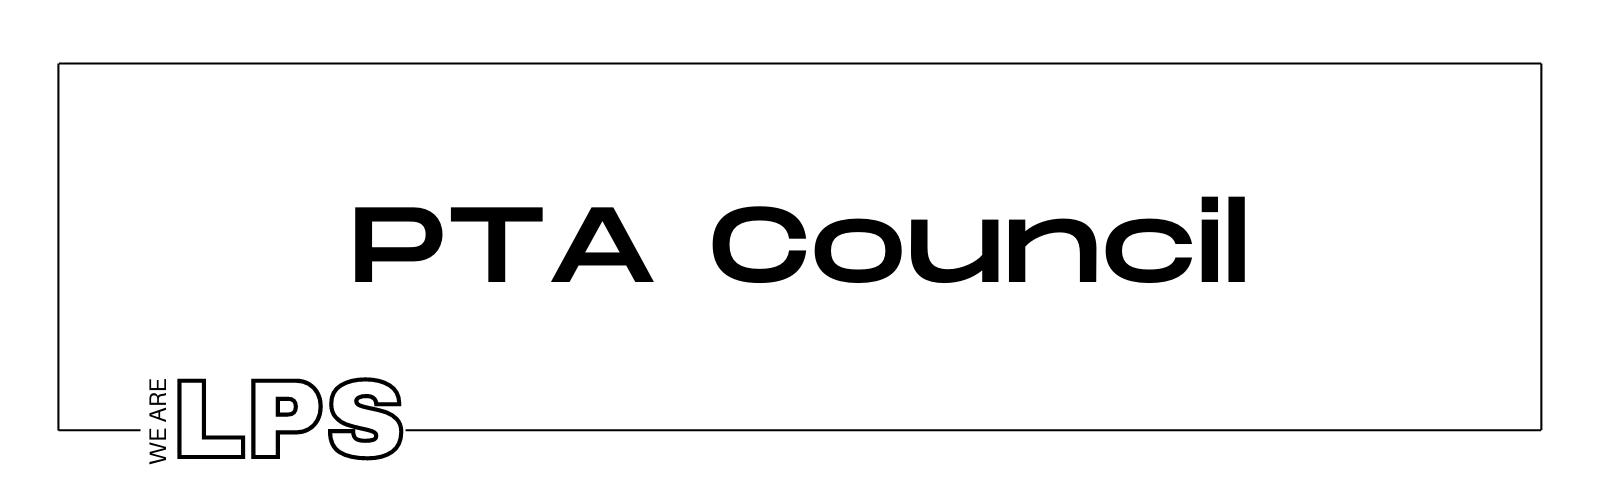 PTA Council